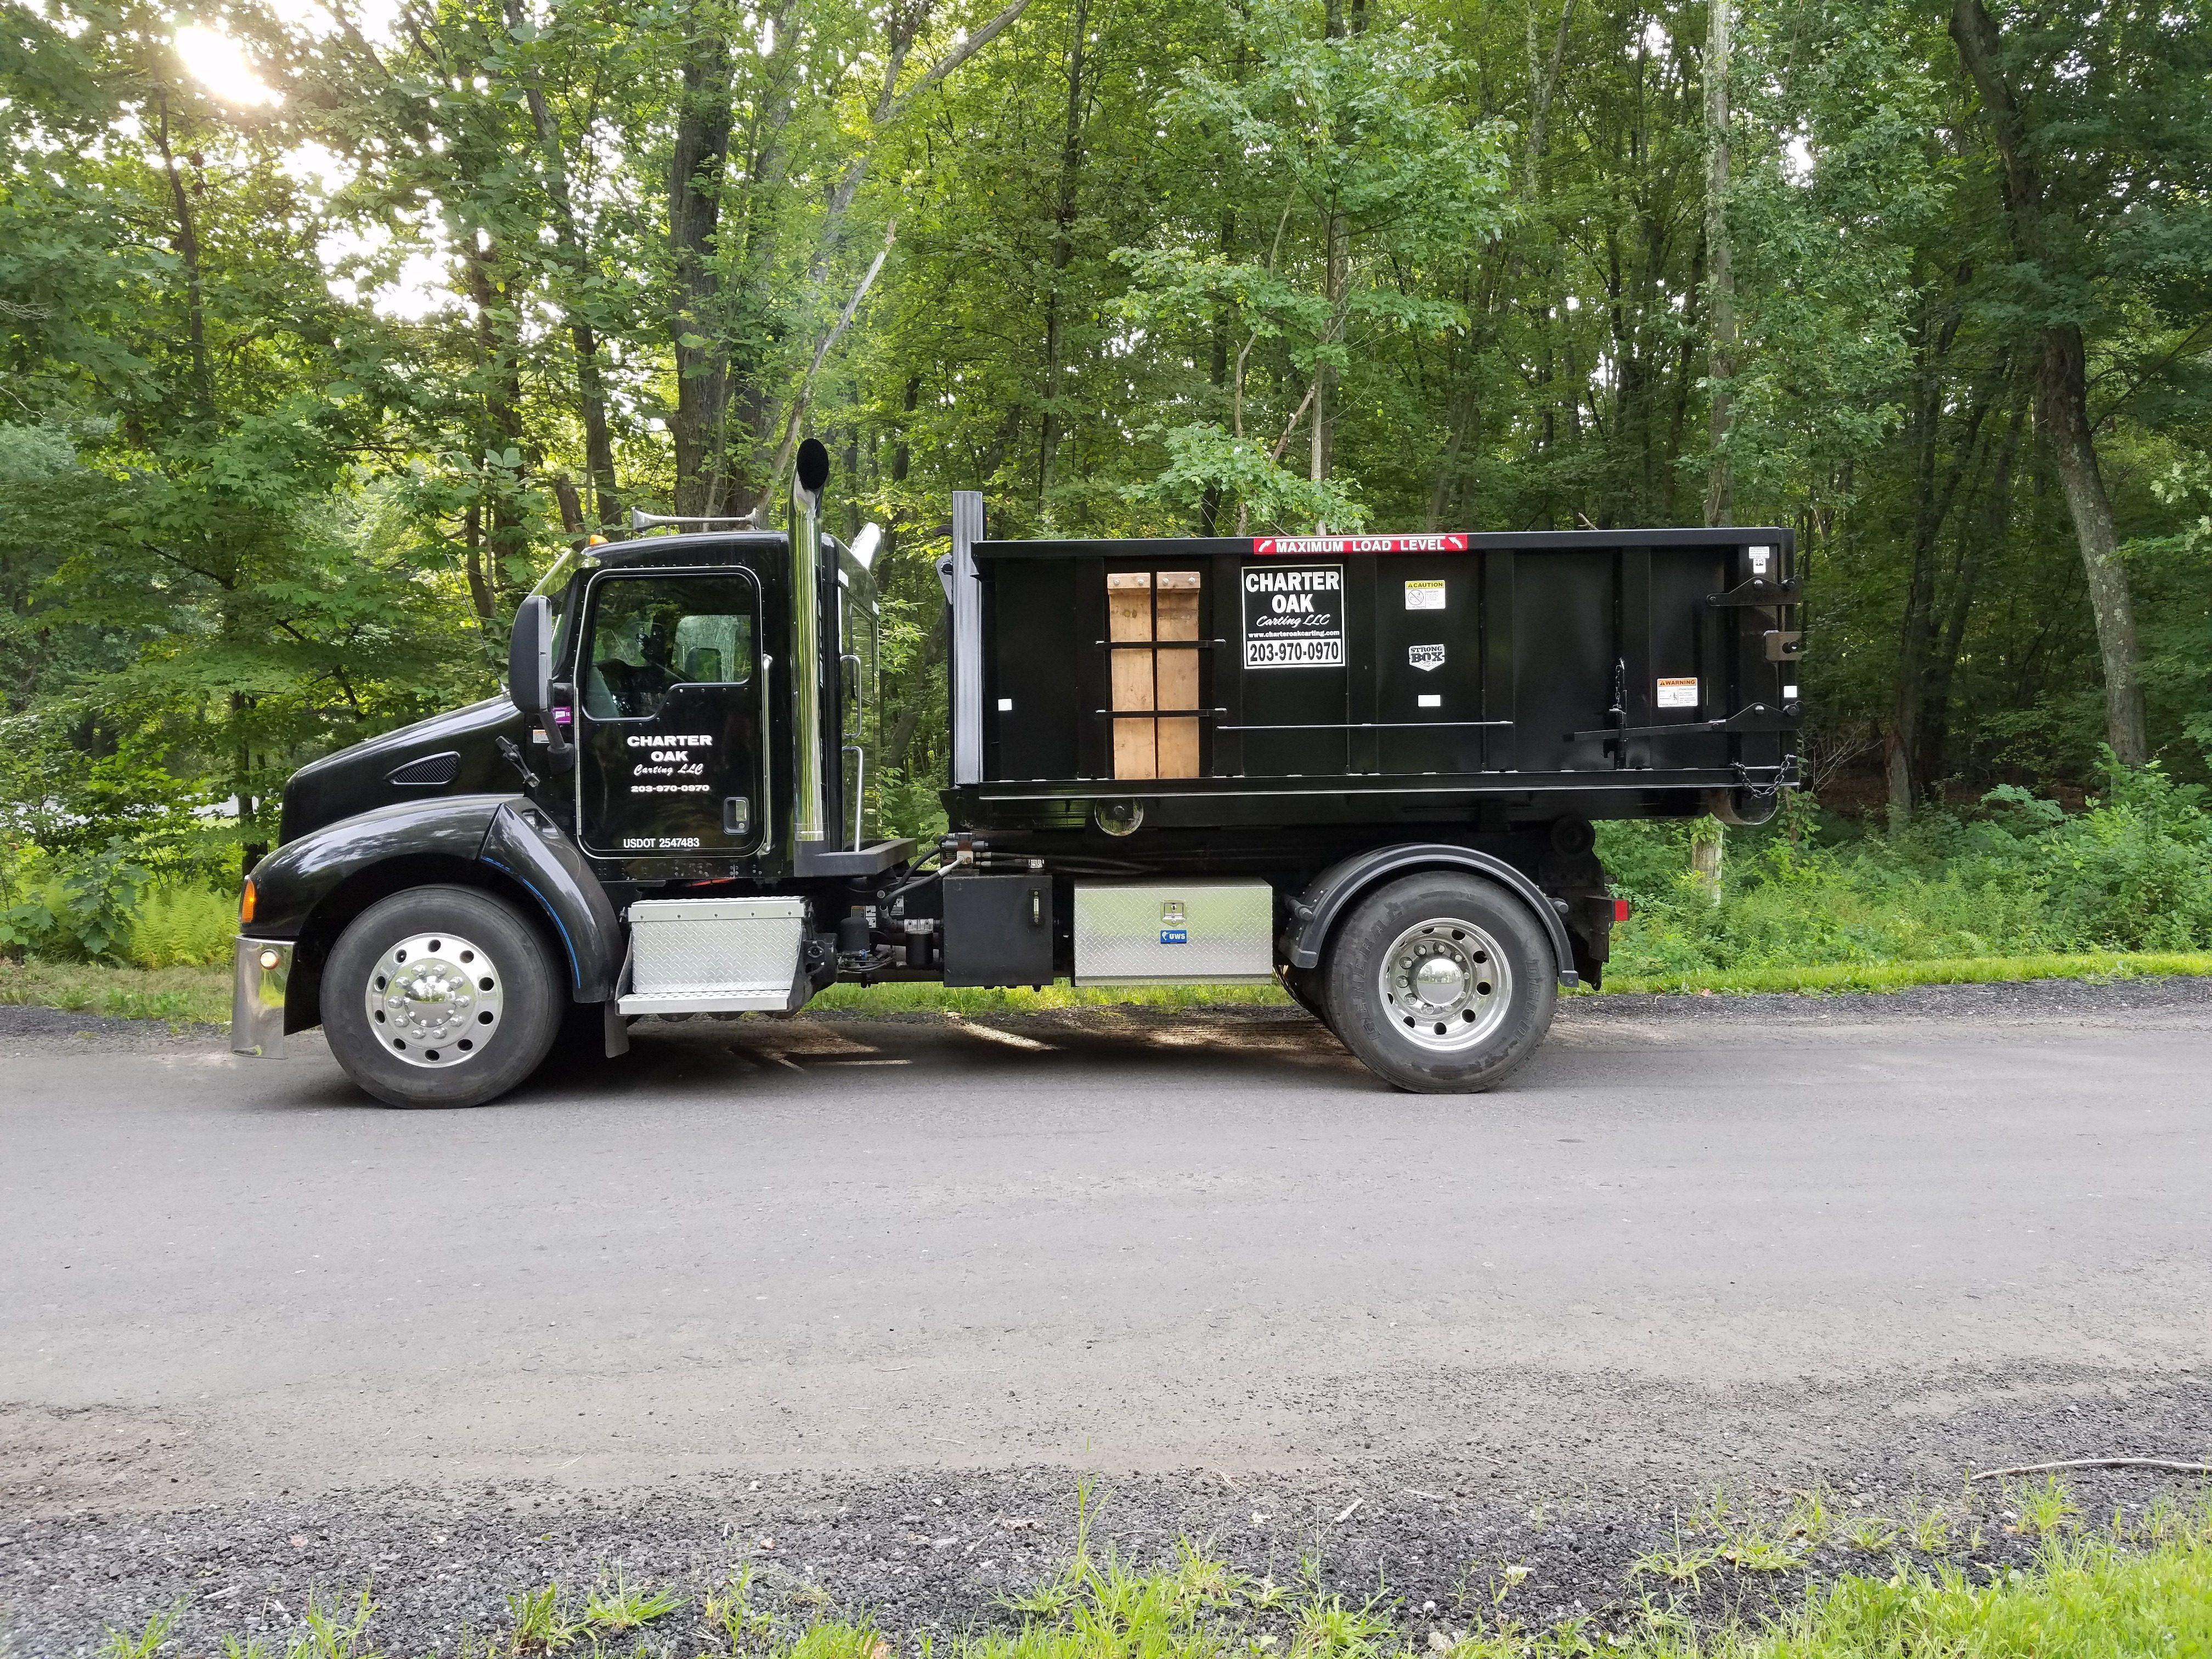 Charter Oak Carting truck